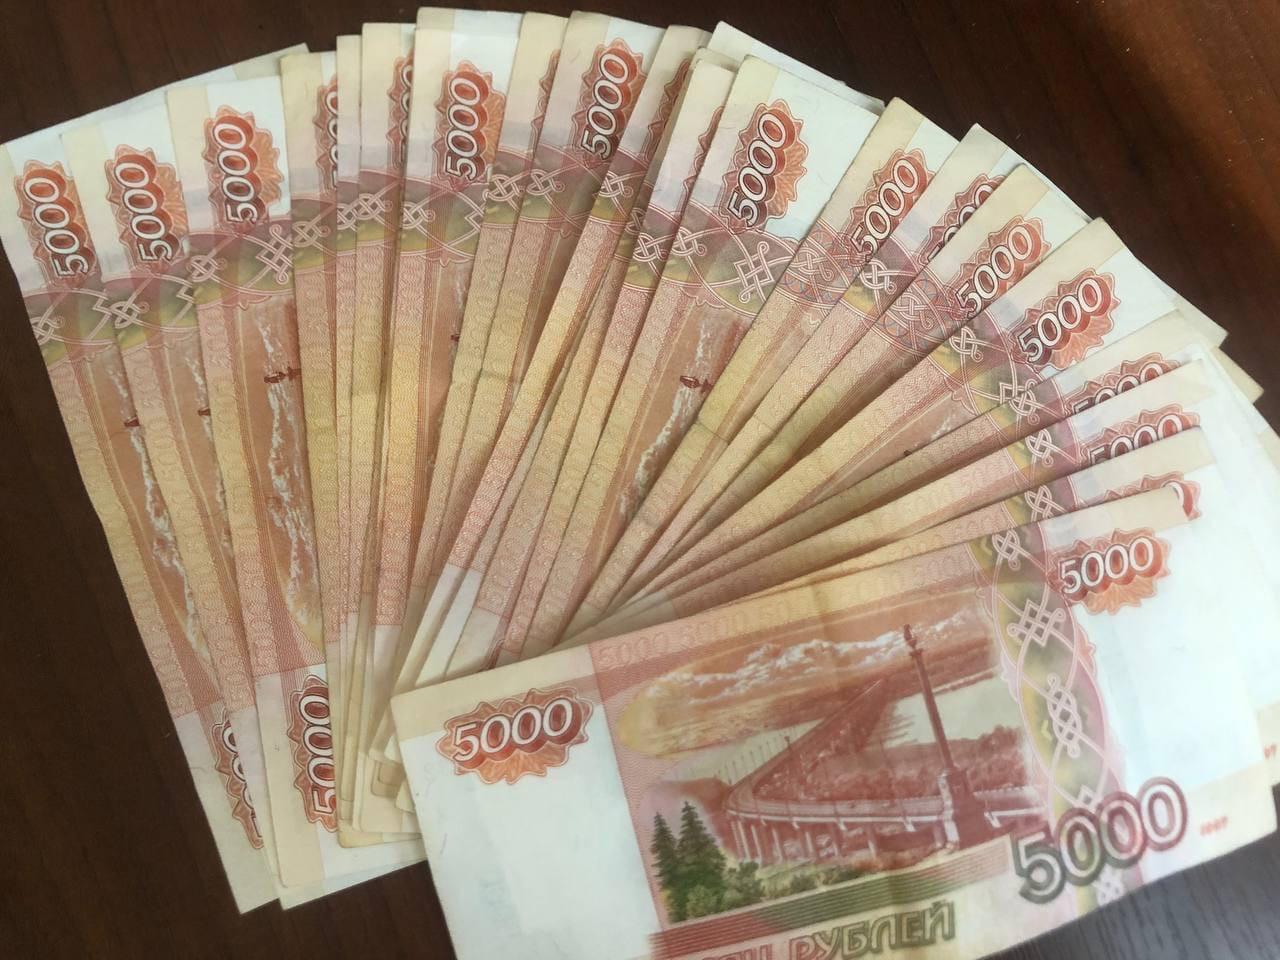 Житель Иркутска оплатил 350 тысяч рублей алиментов, чтобы не потерять Mercedes Benz